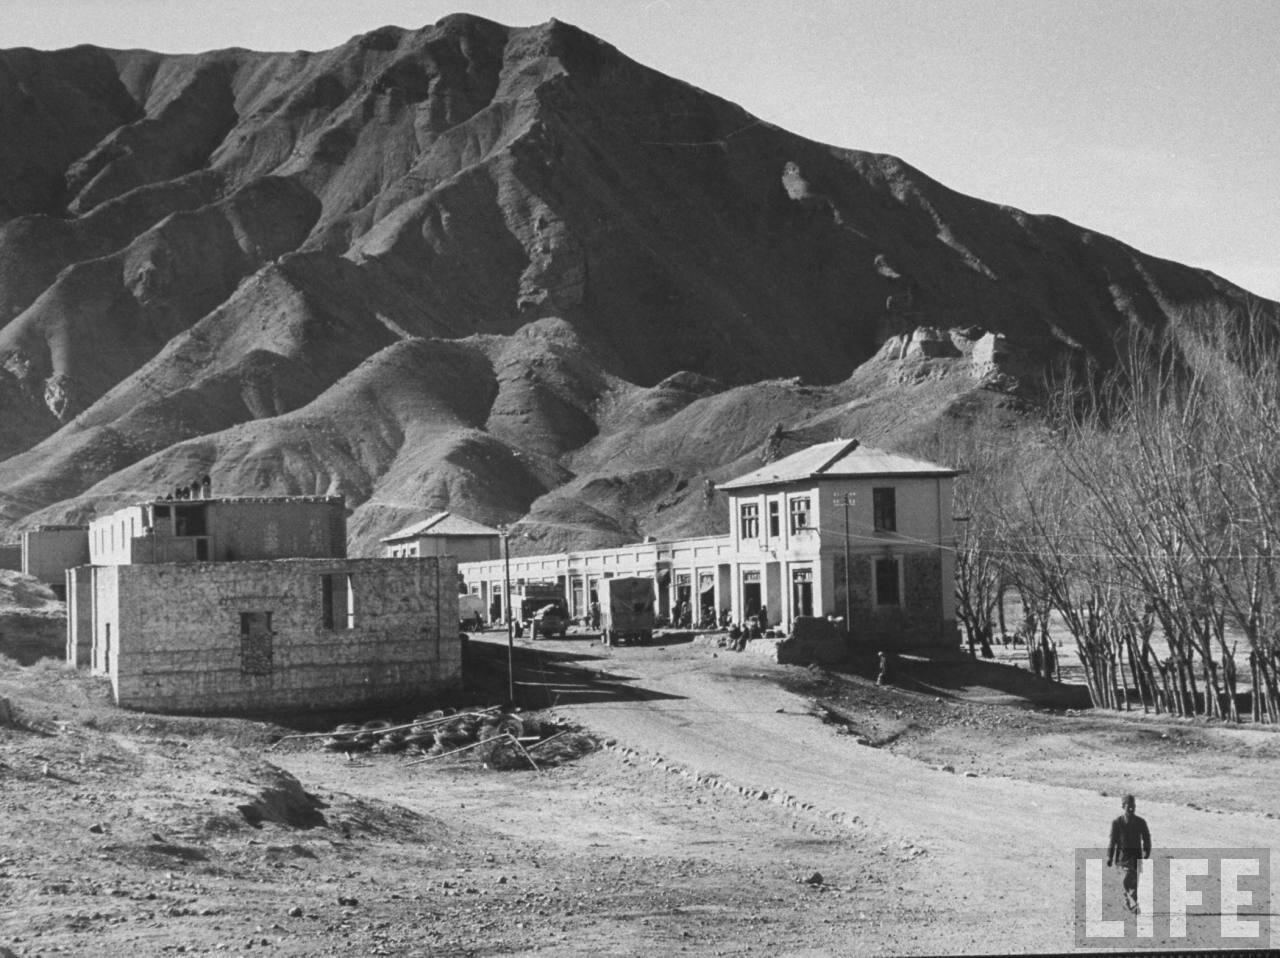 Деревня Доаб, построенная вдоль дороги, проложенной по всему западному склону Гиндукуша